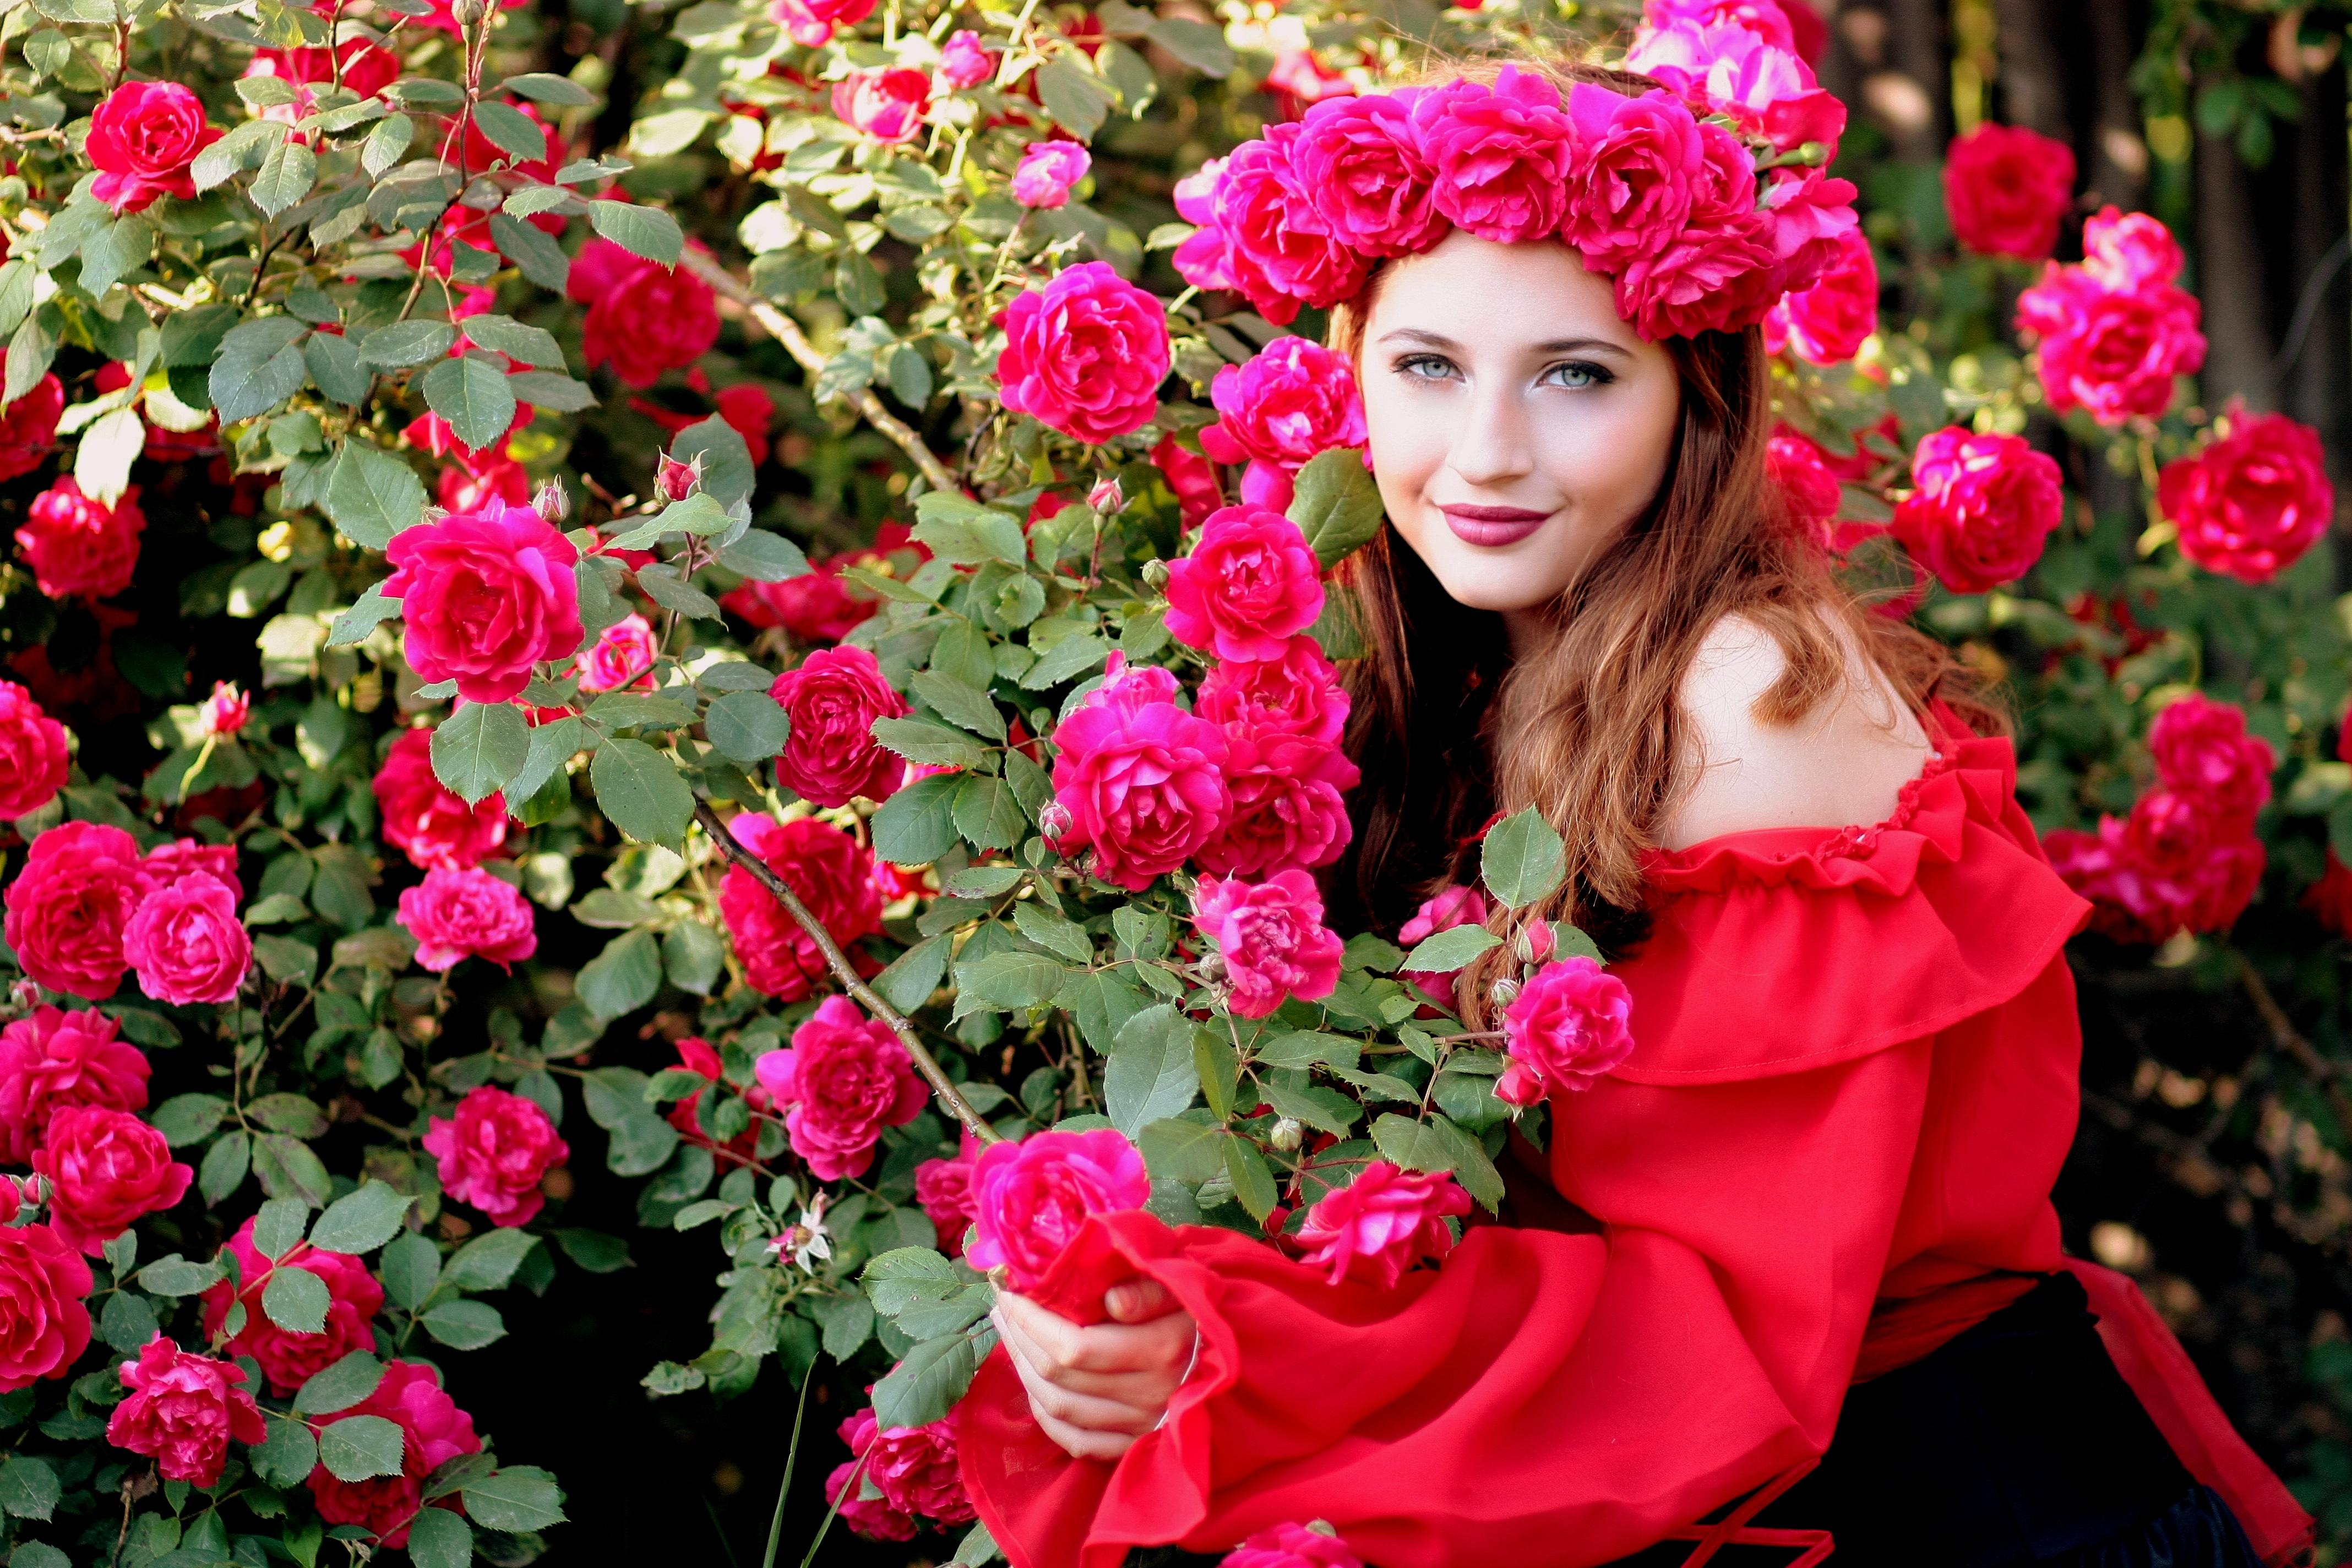 images gratuites : fille, fleur, rouge, rose, flore, couronne, des